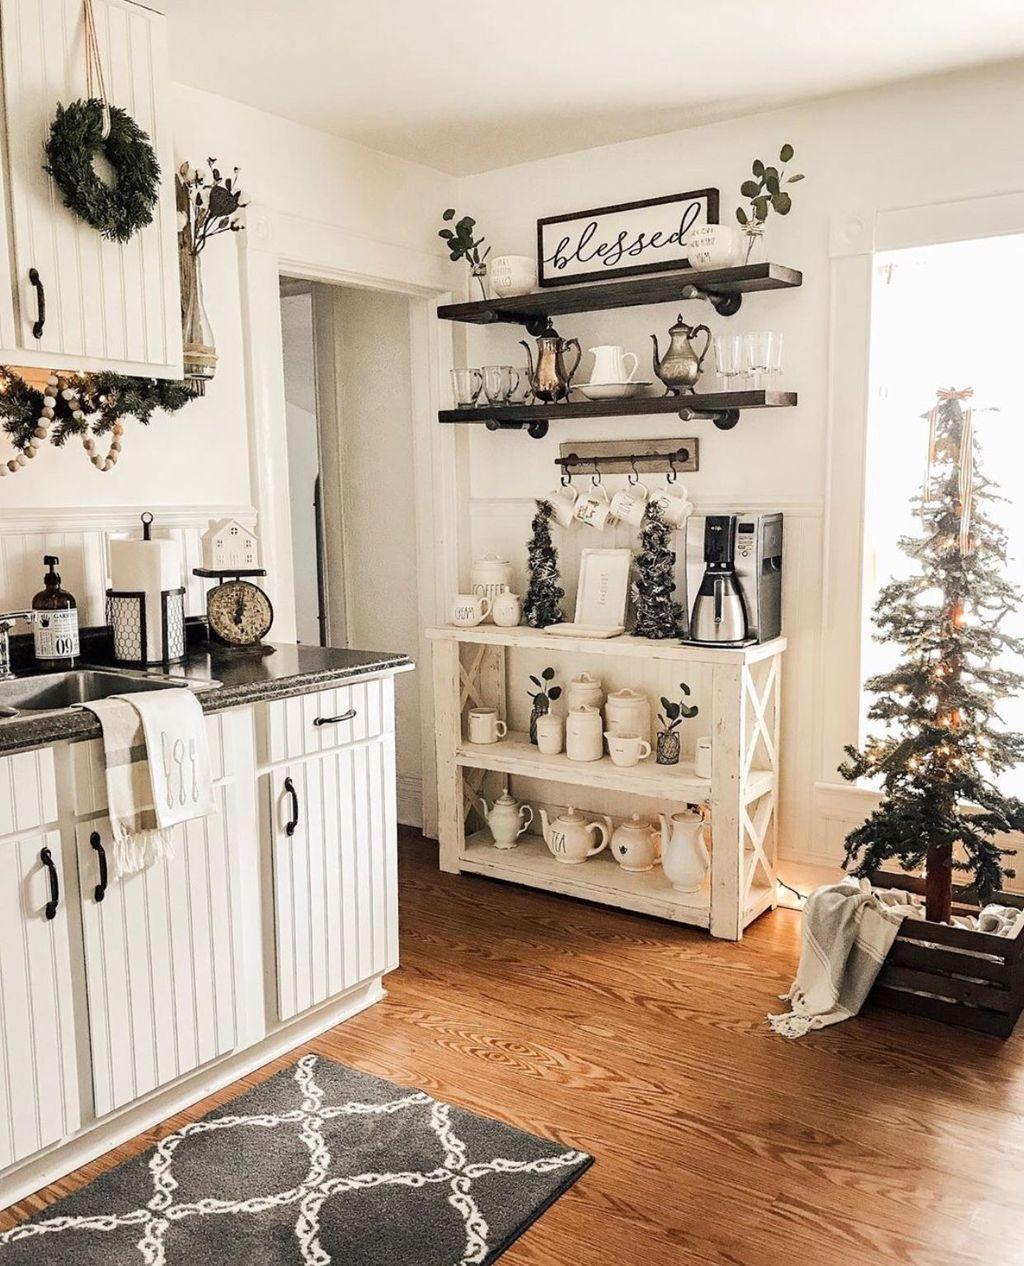 Amazing Organized Farmhouse Kitchen Decor Ideas 39